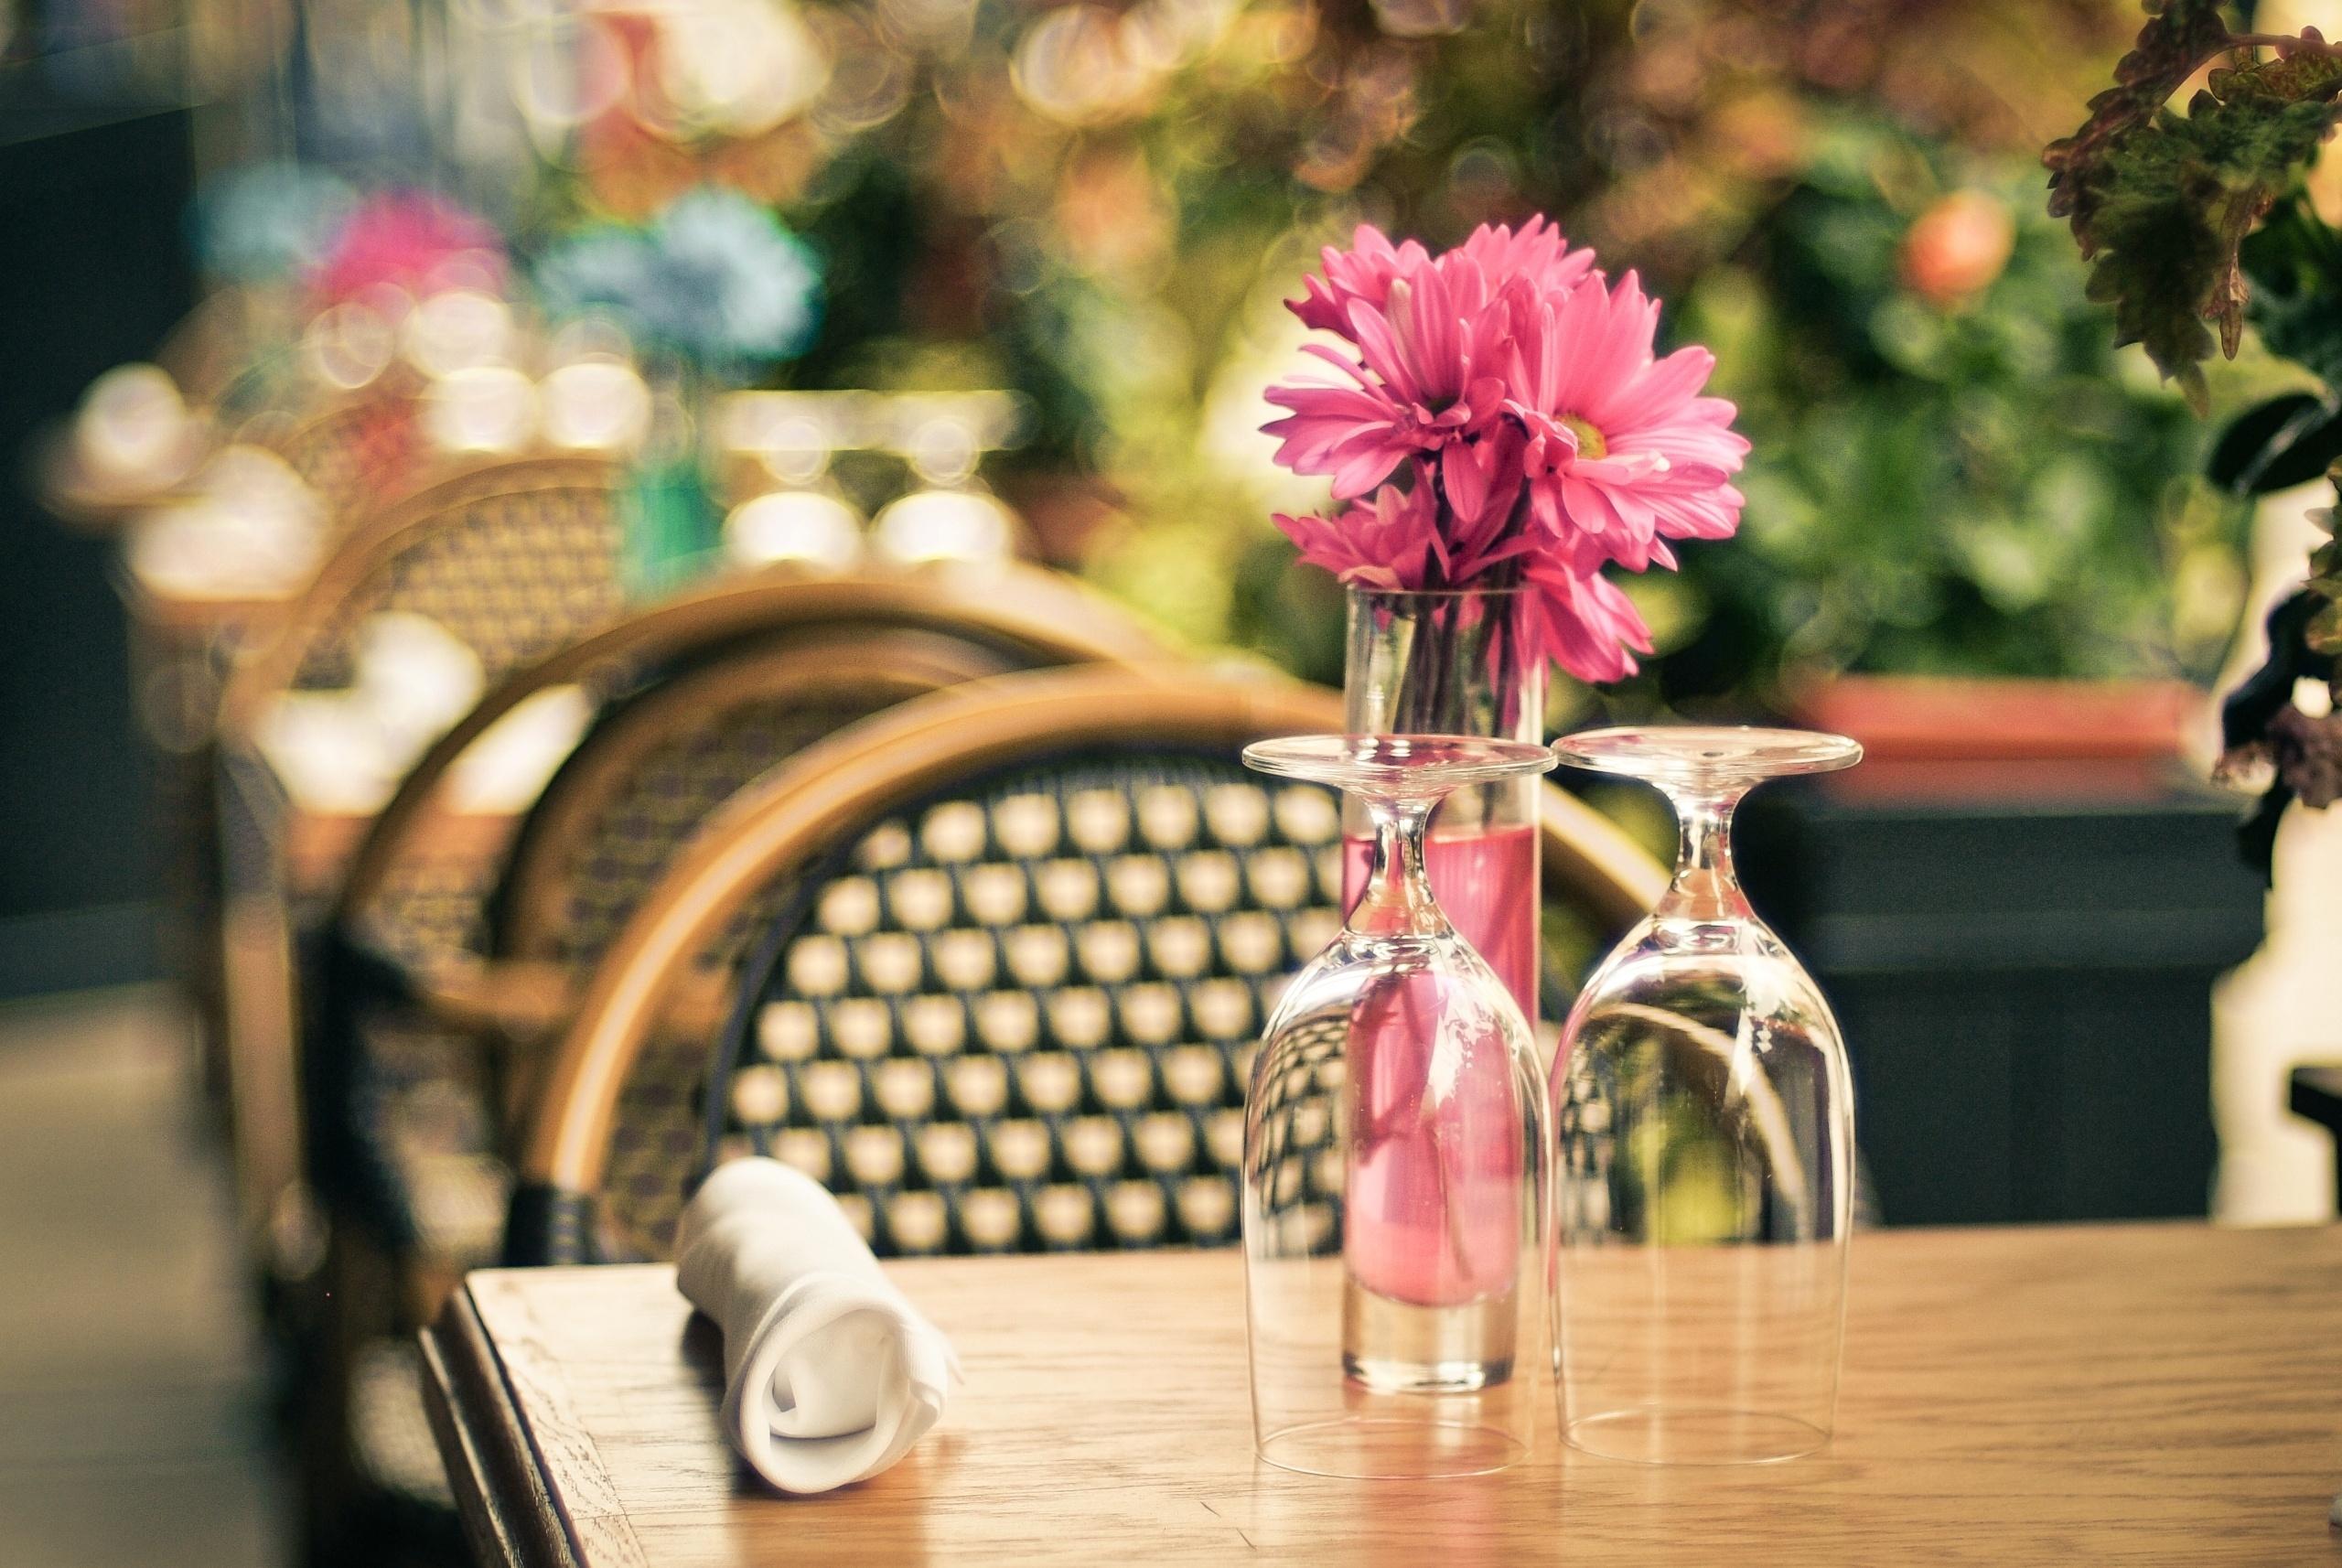 ресторан столики  № 3535580 загрузить